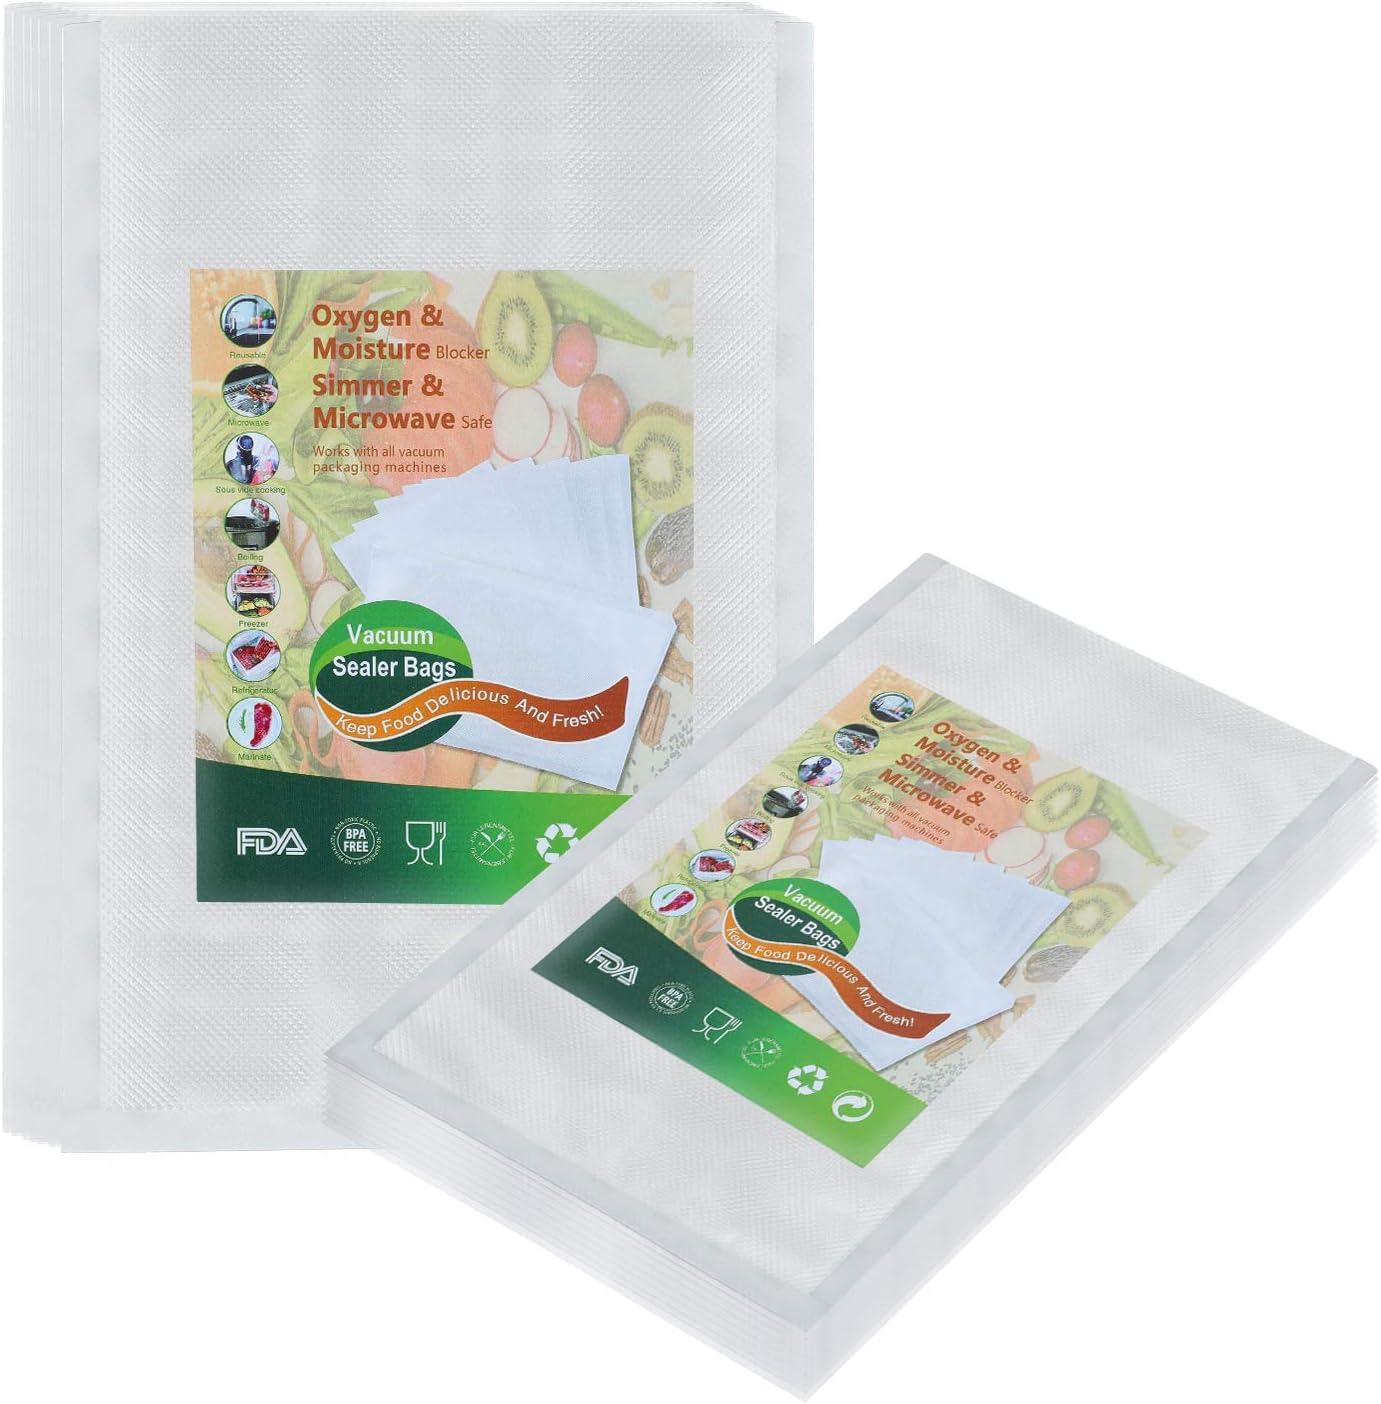 Vacuum Sealer-Bags Food-Saver Bags for Food-Storage - 200 Count(8